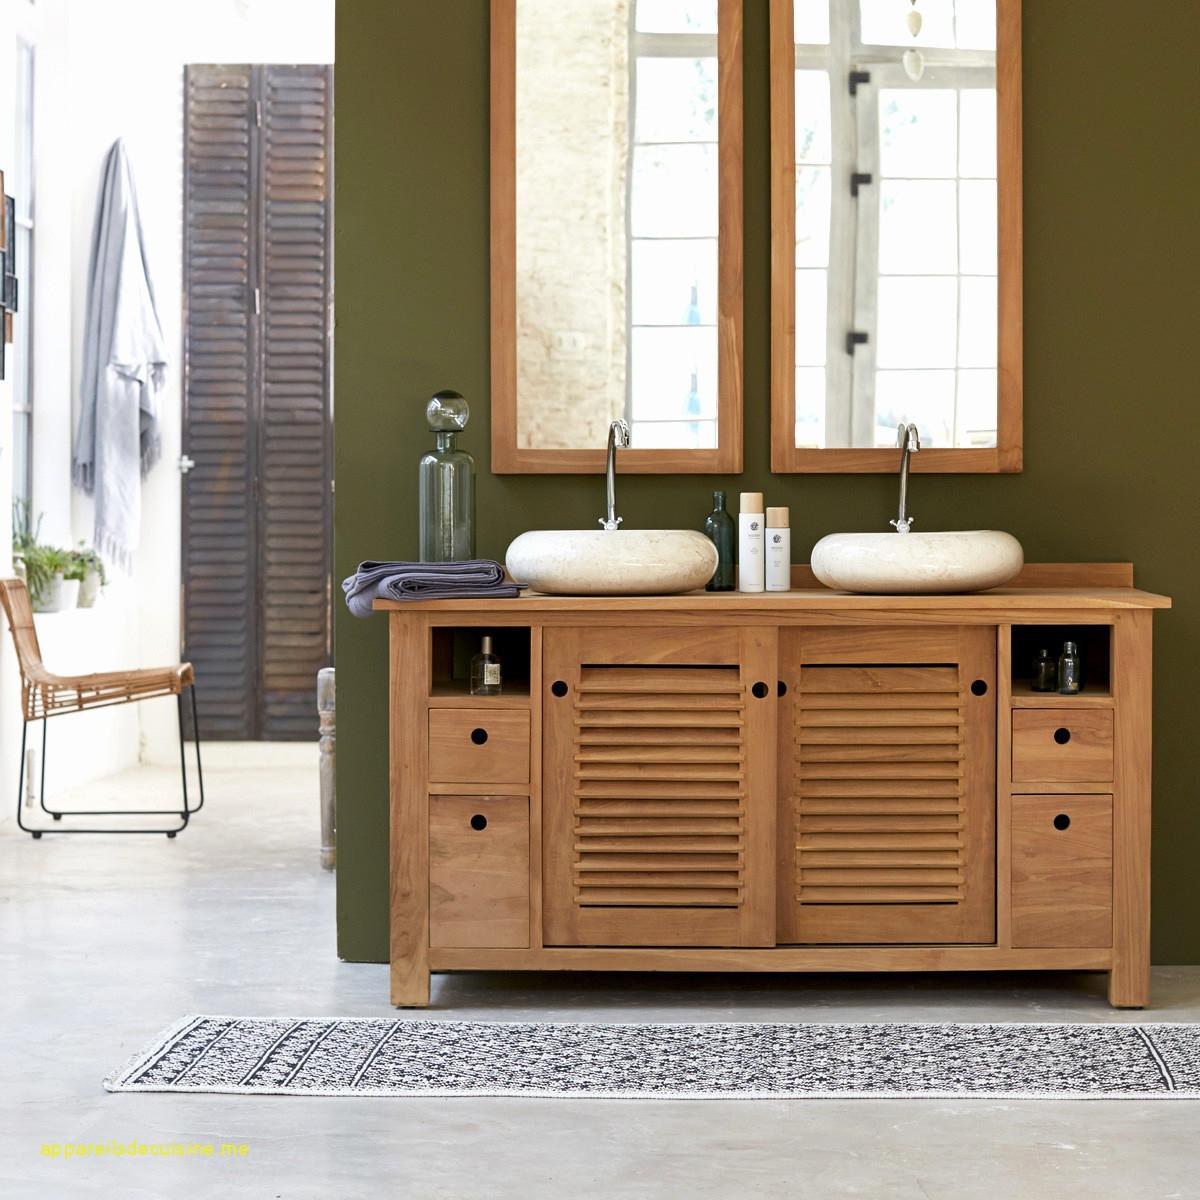 Hauteur Applique Salle De Bain Élégant Photos Applique Pour Armoire De toilette Plus Contemporain Miroir Armoire